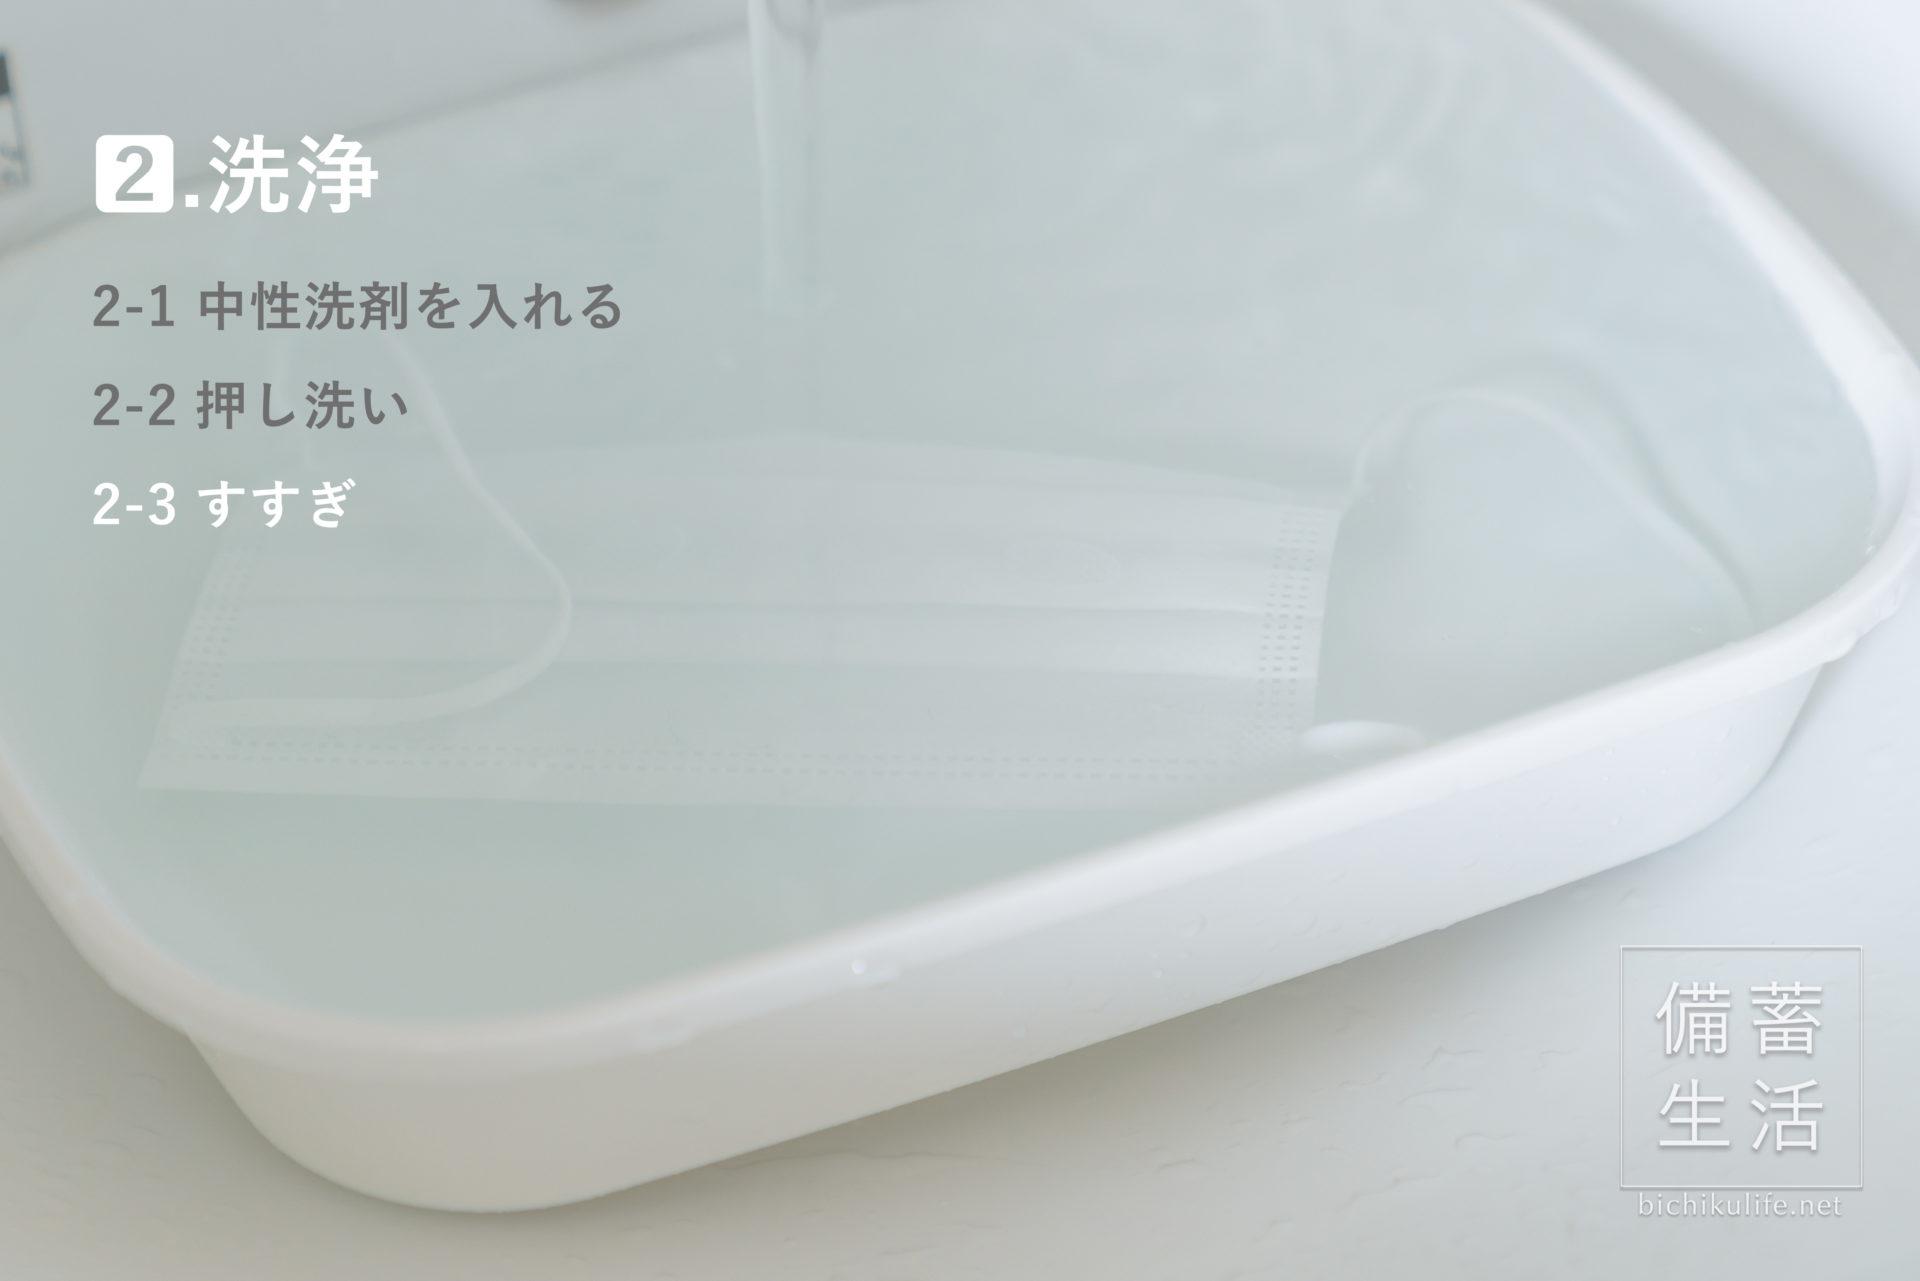 不織布マスクの洗濯方法 2.洗浄 2-3 すすぎ